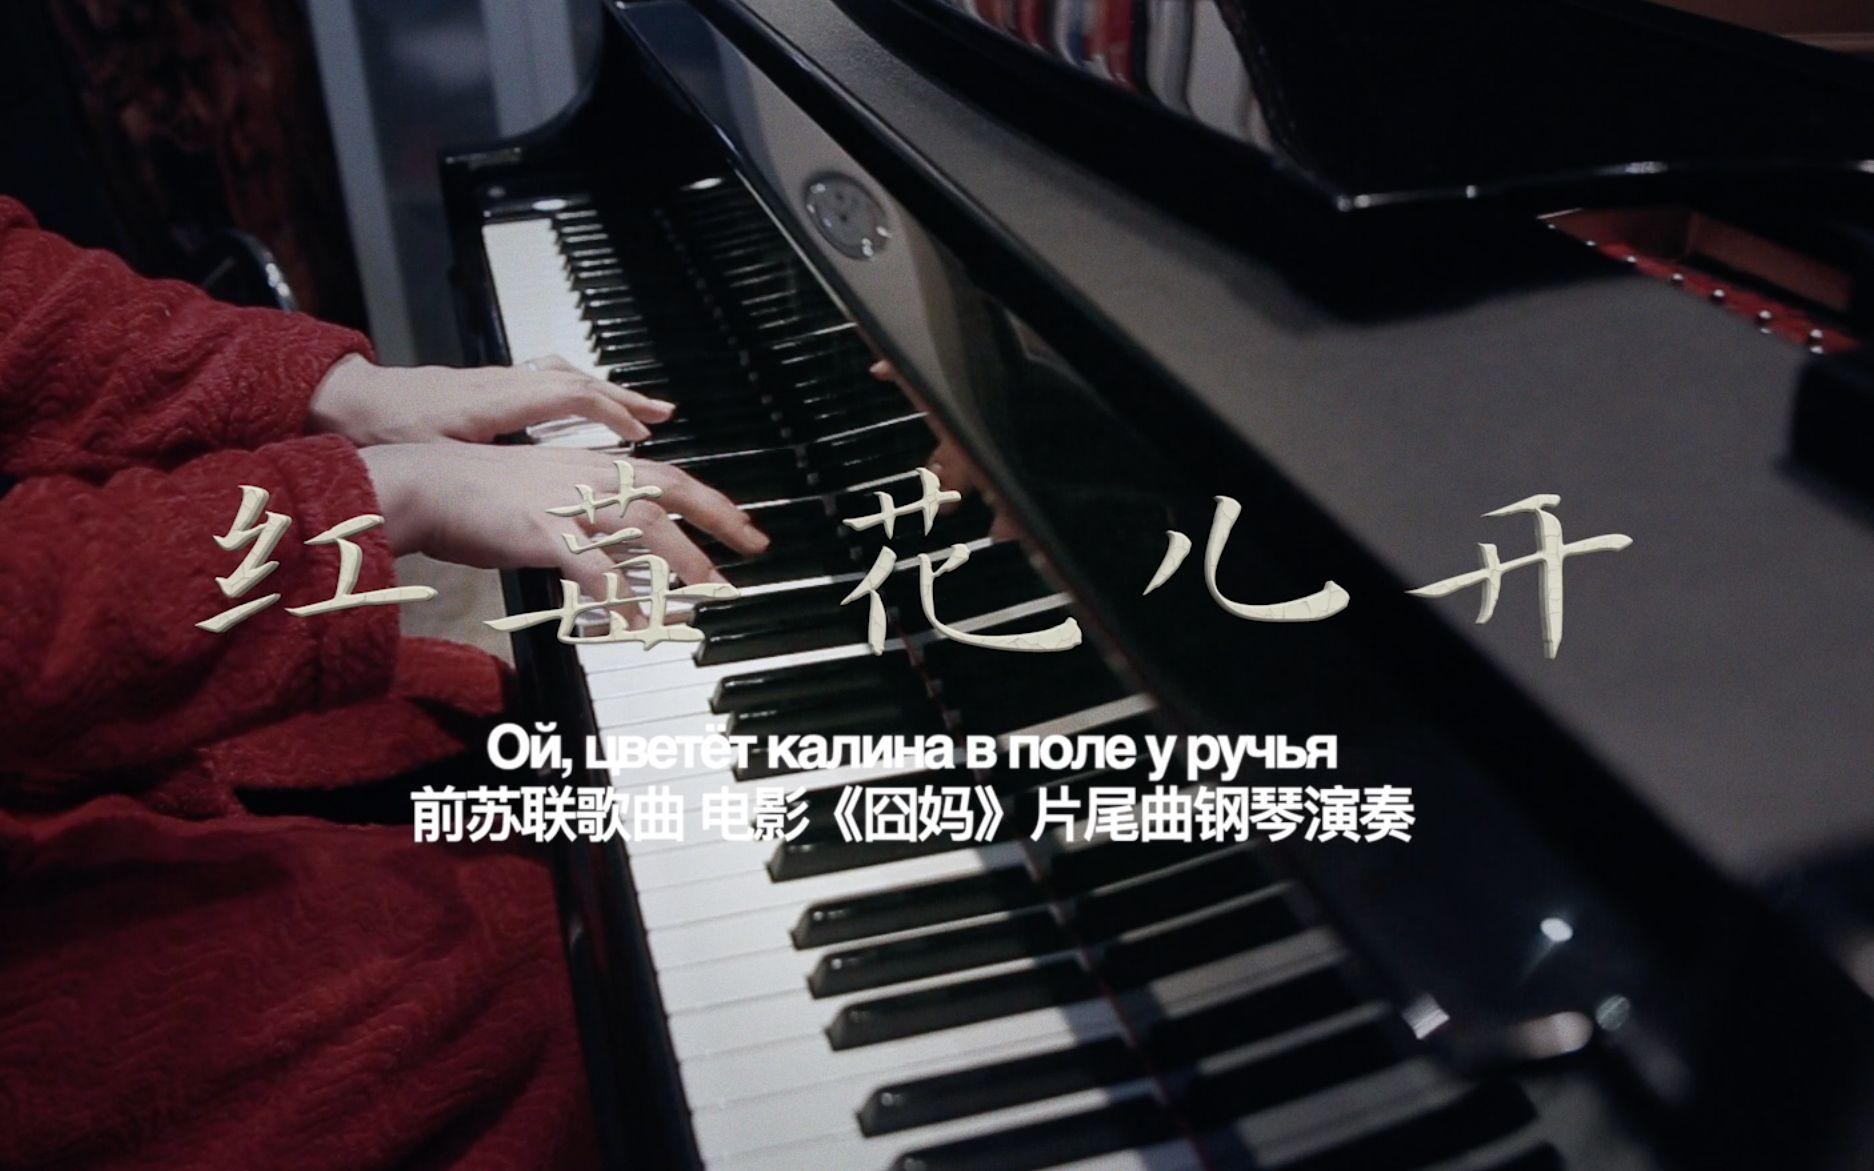 【昼夜钢琴】红梅花儿开-电影《囧妈...